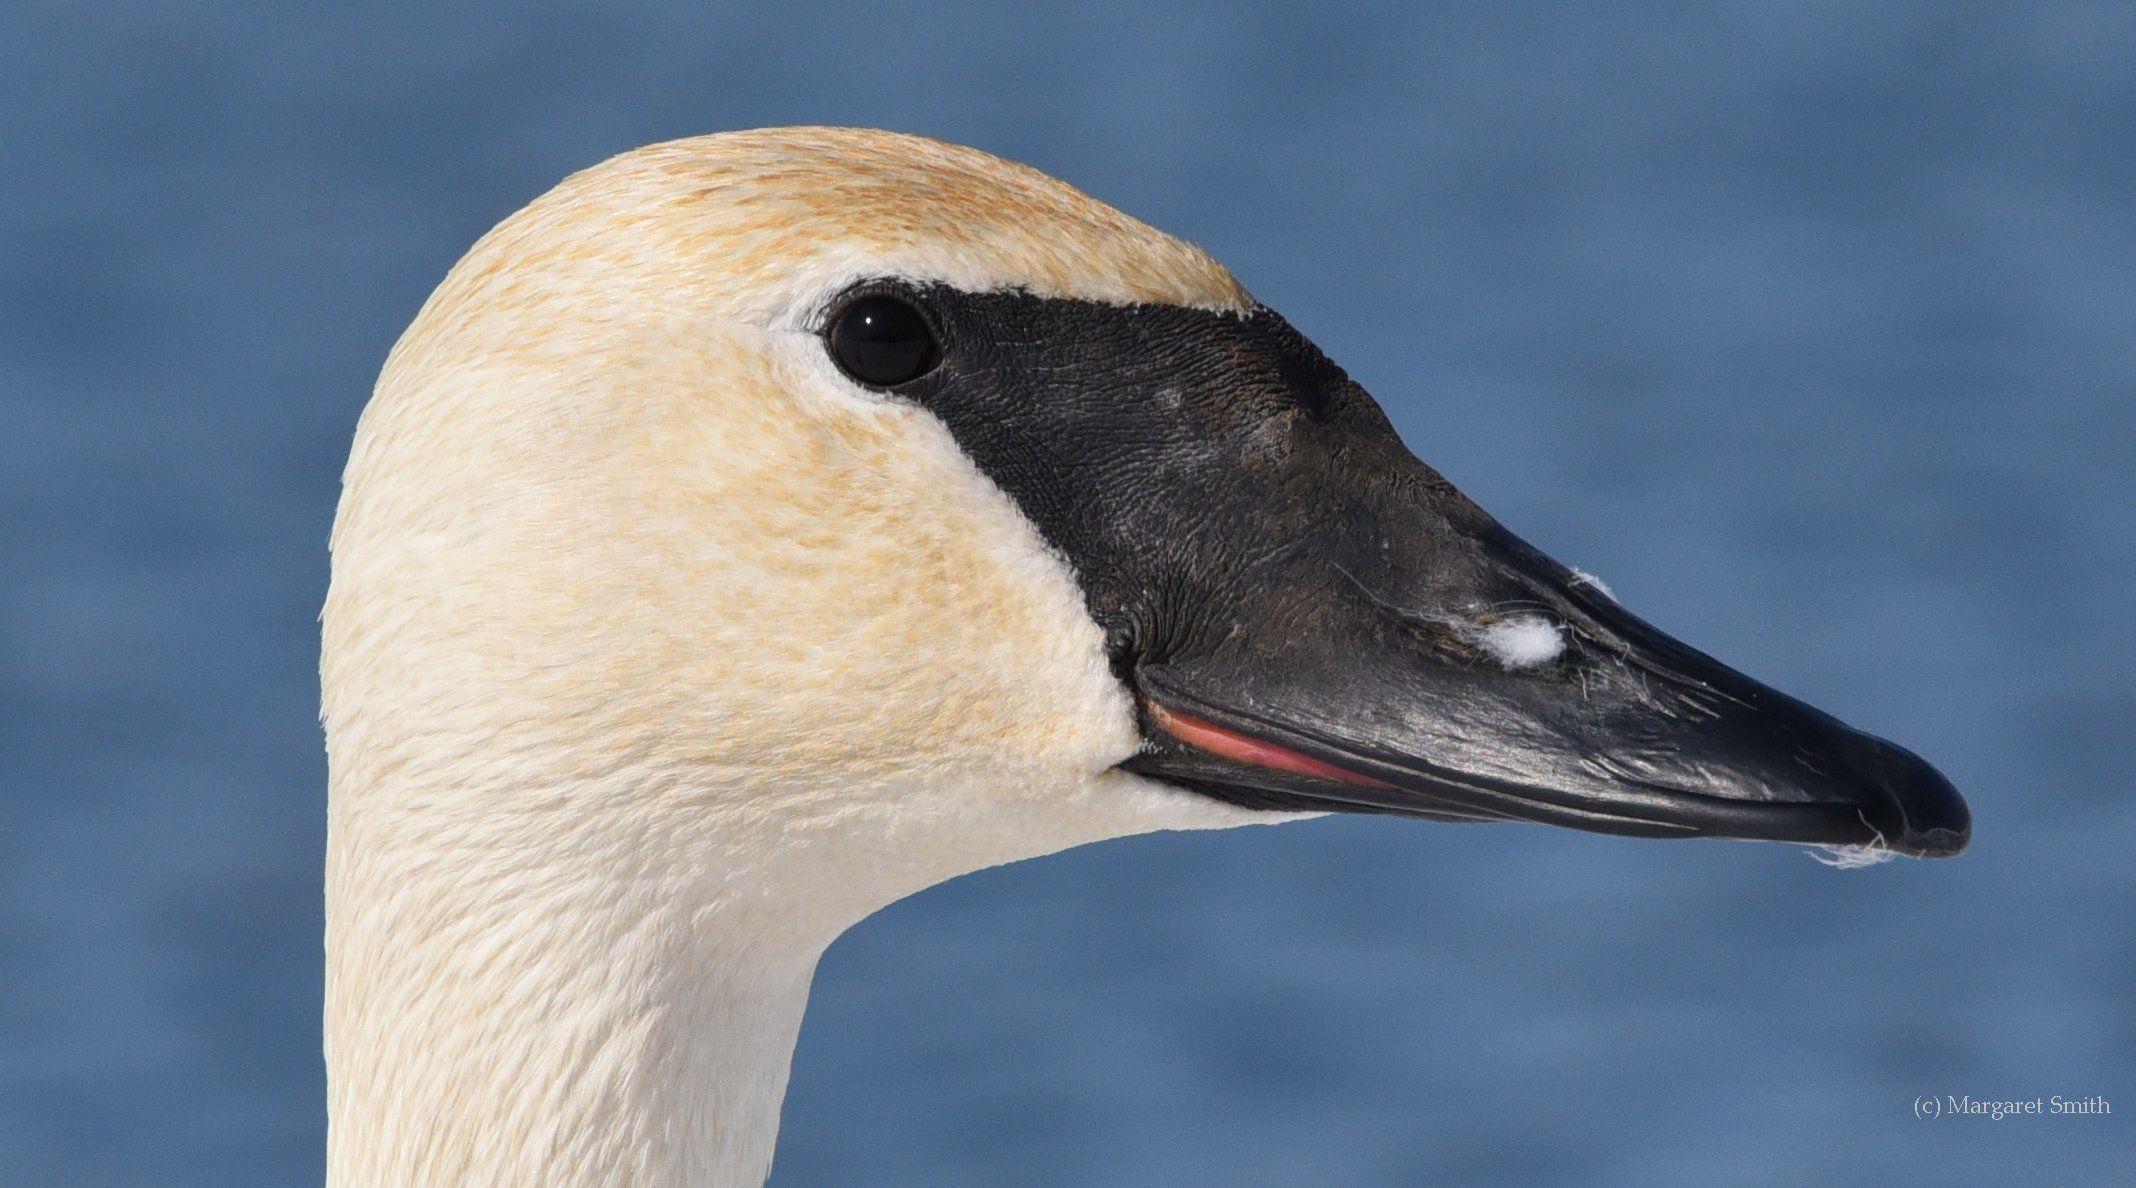 Trumpeter Swan head in profile